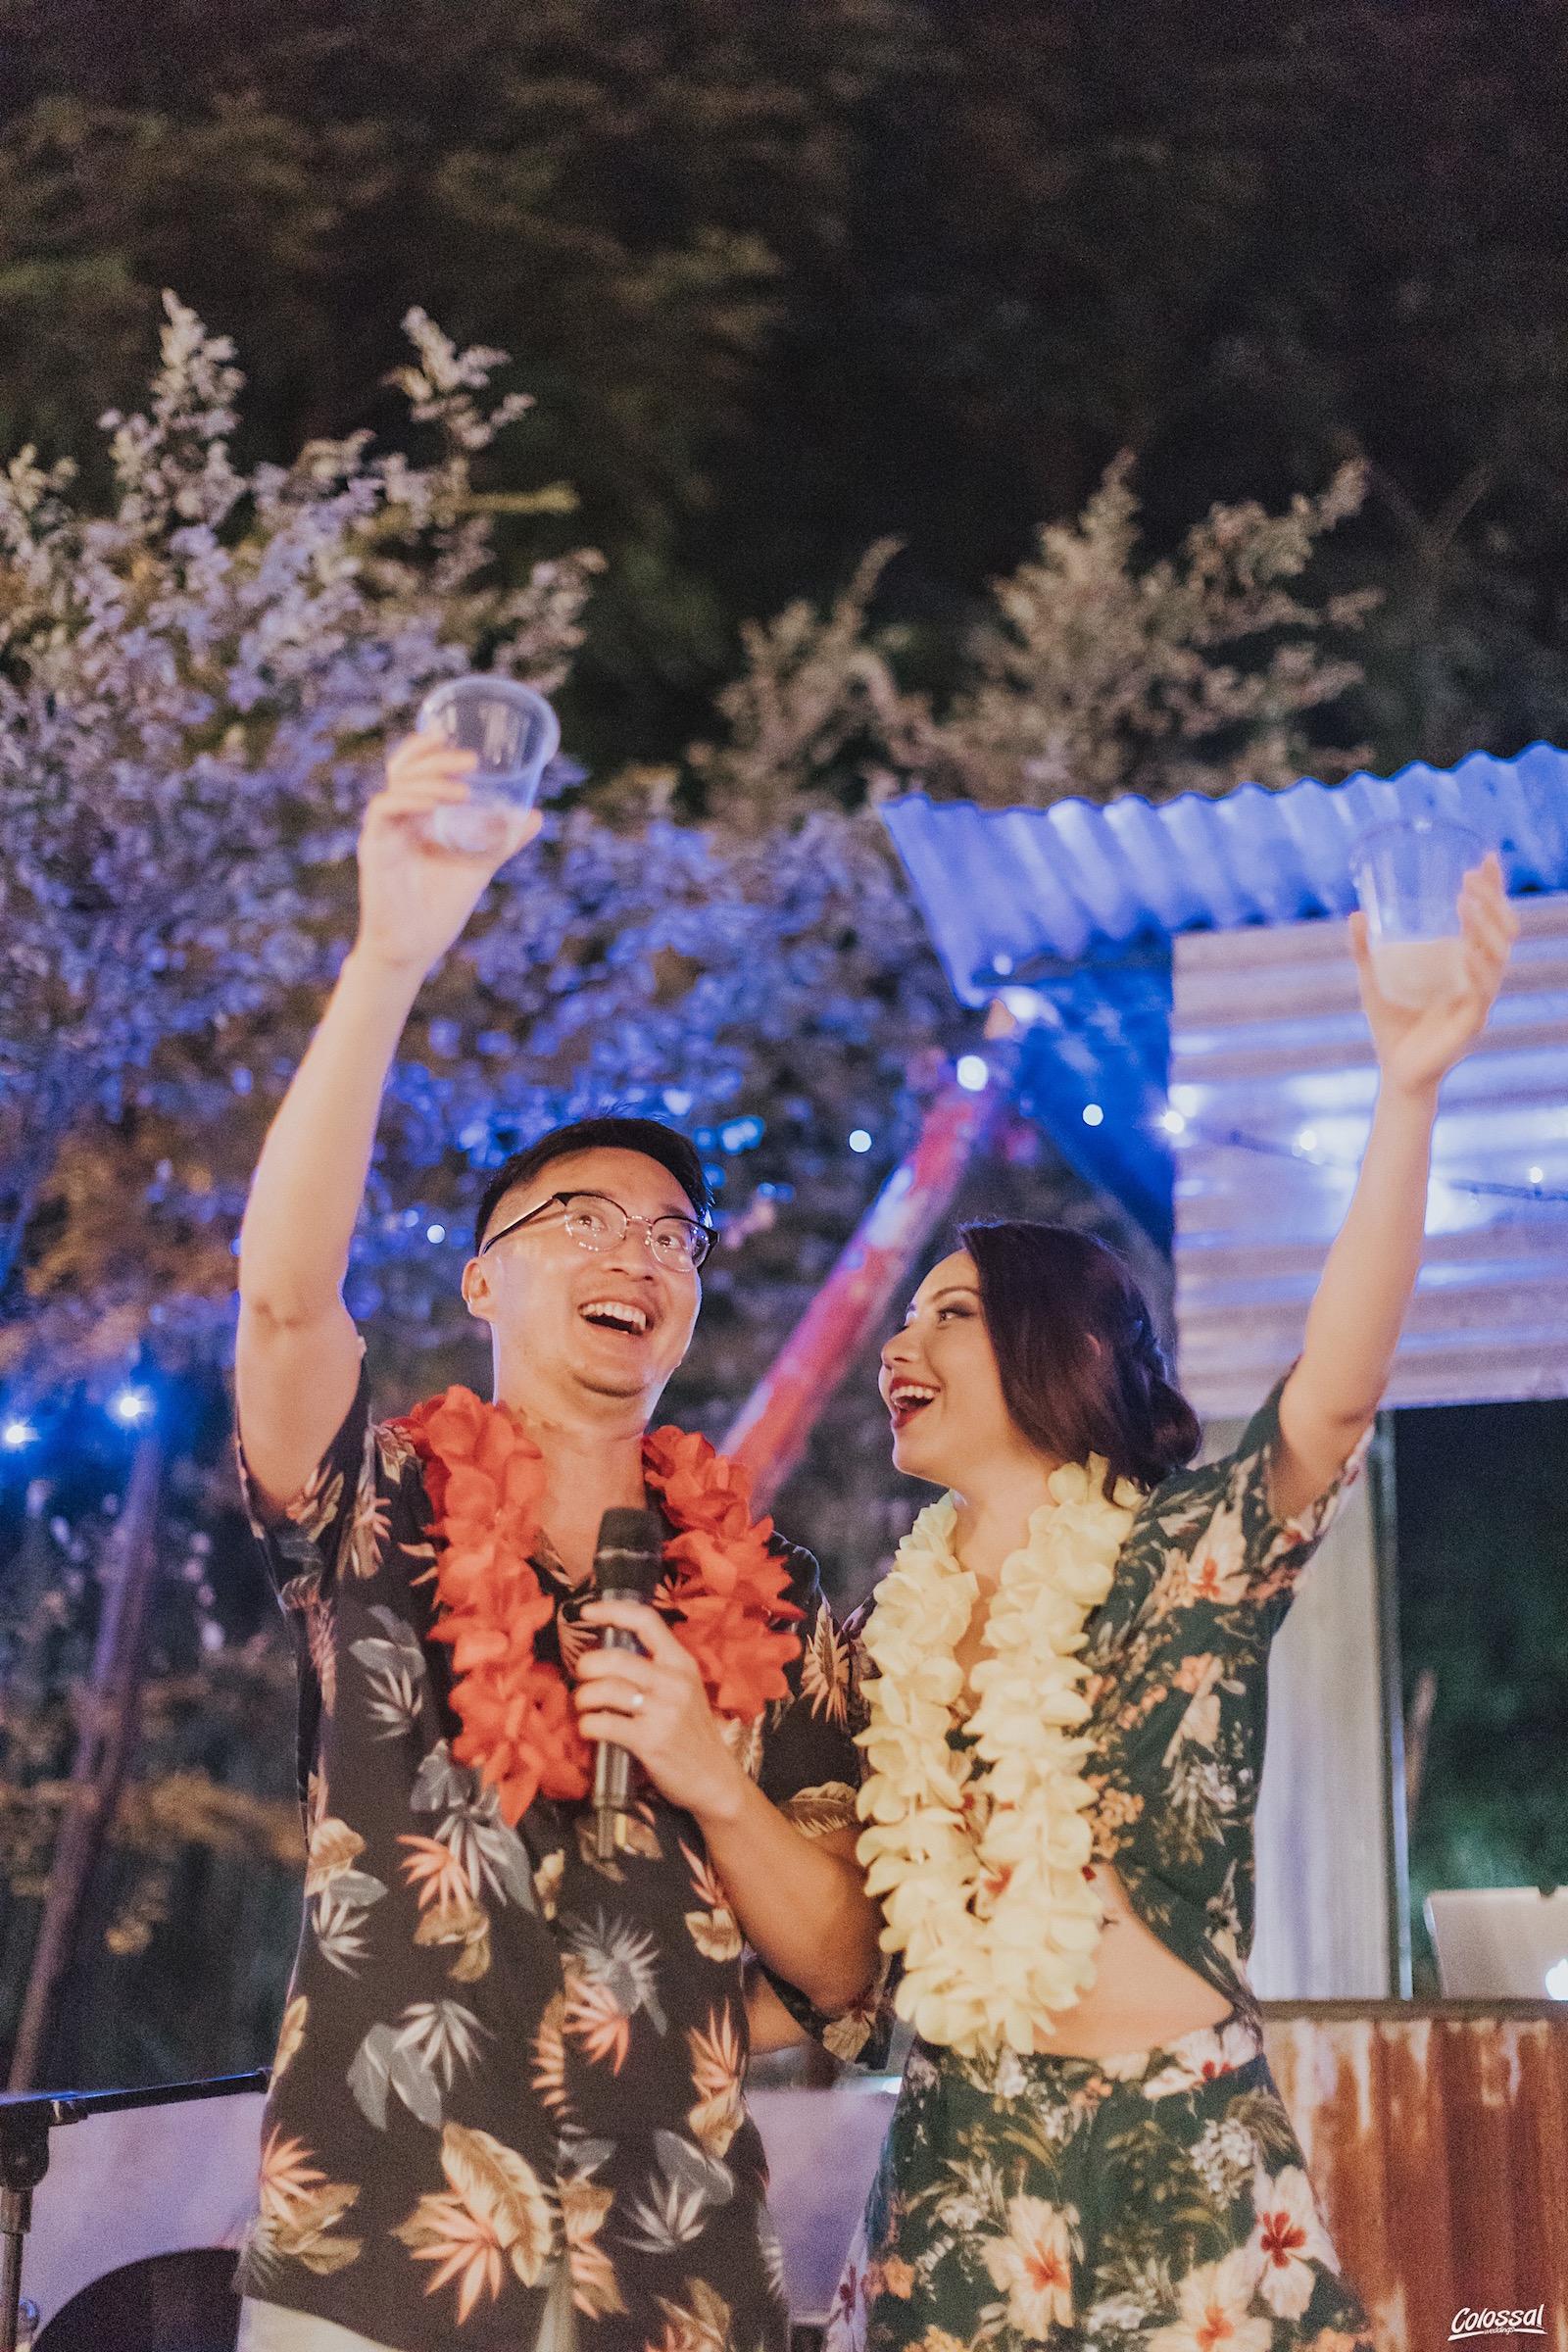 MartinChanel_ColossalWeddings159_WeddingParty.jpg